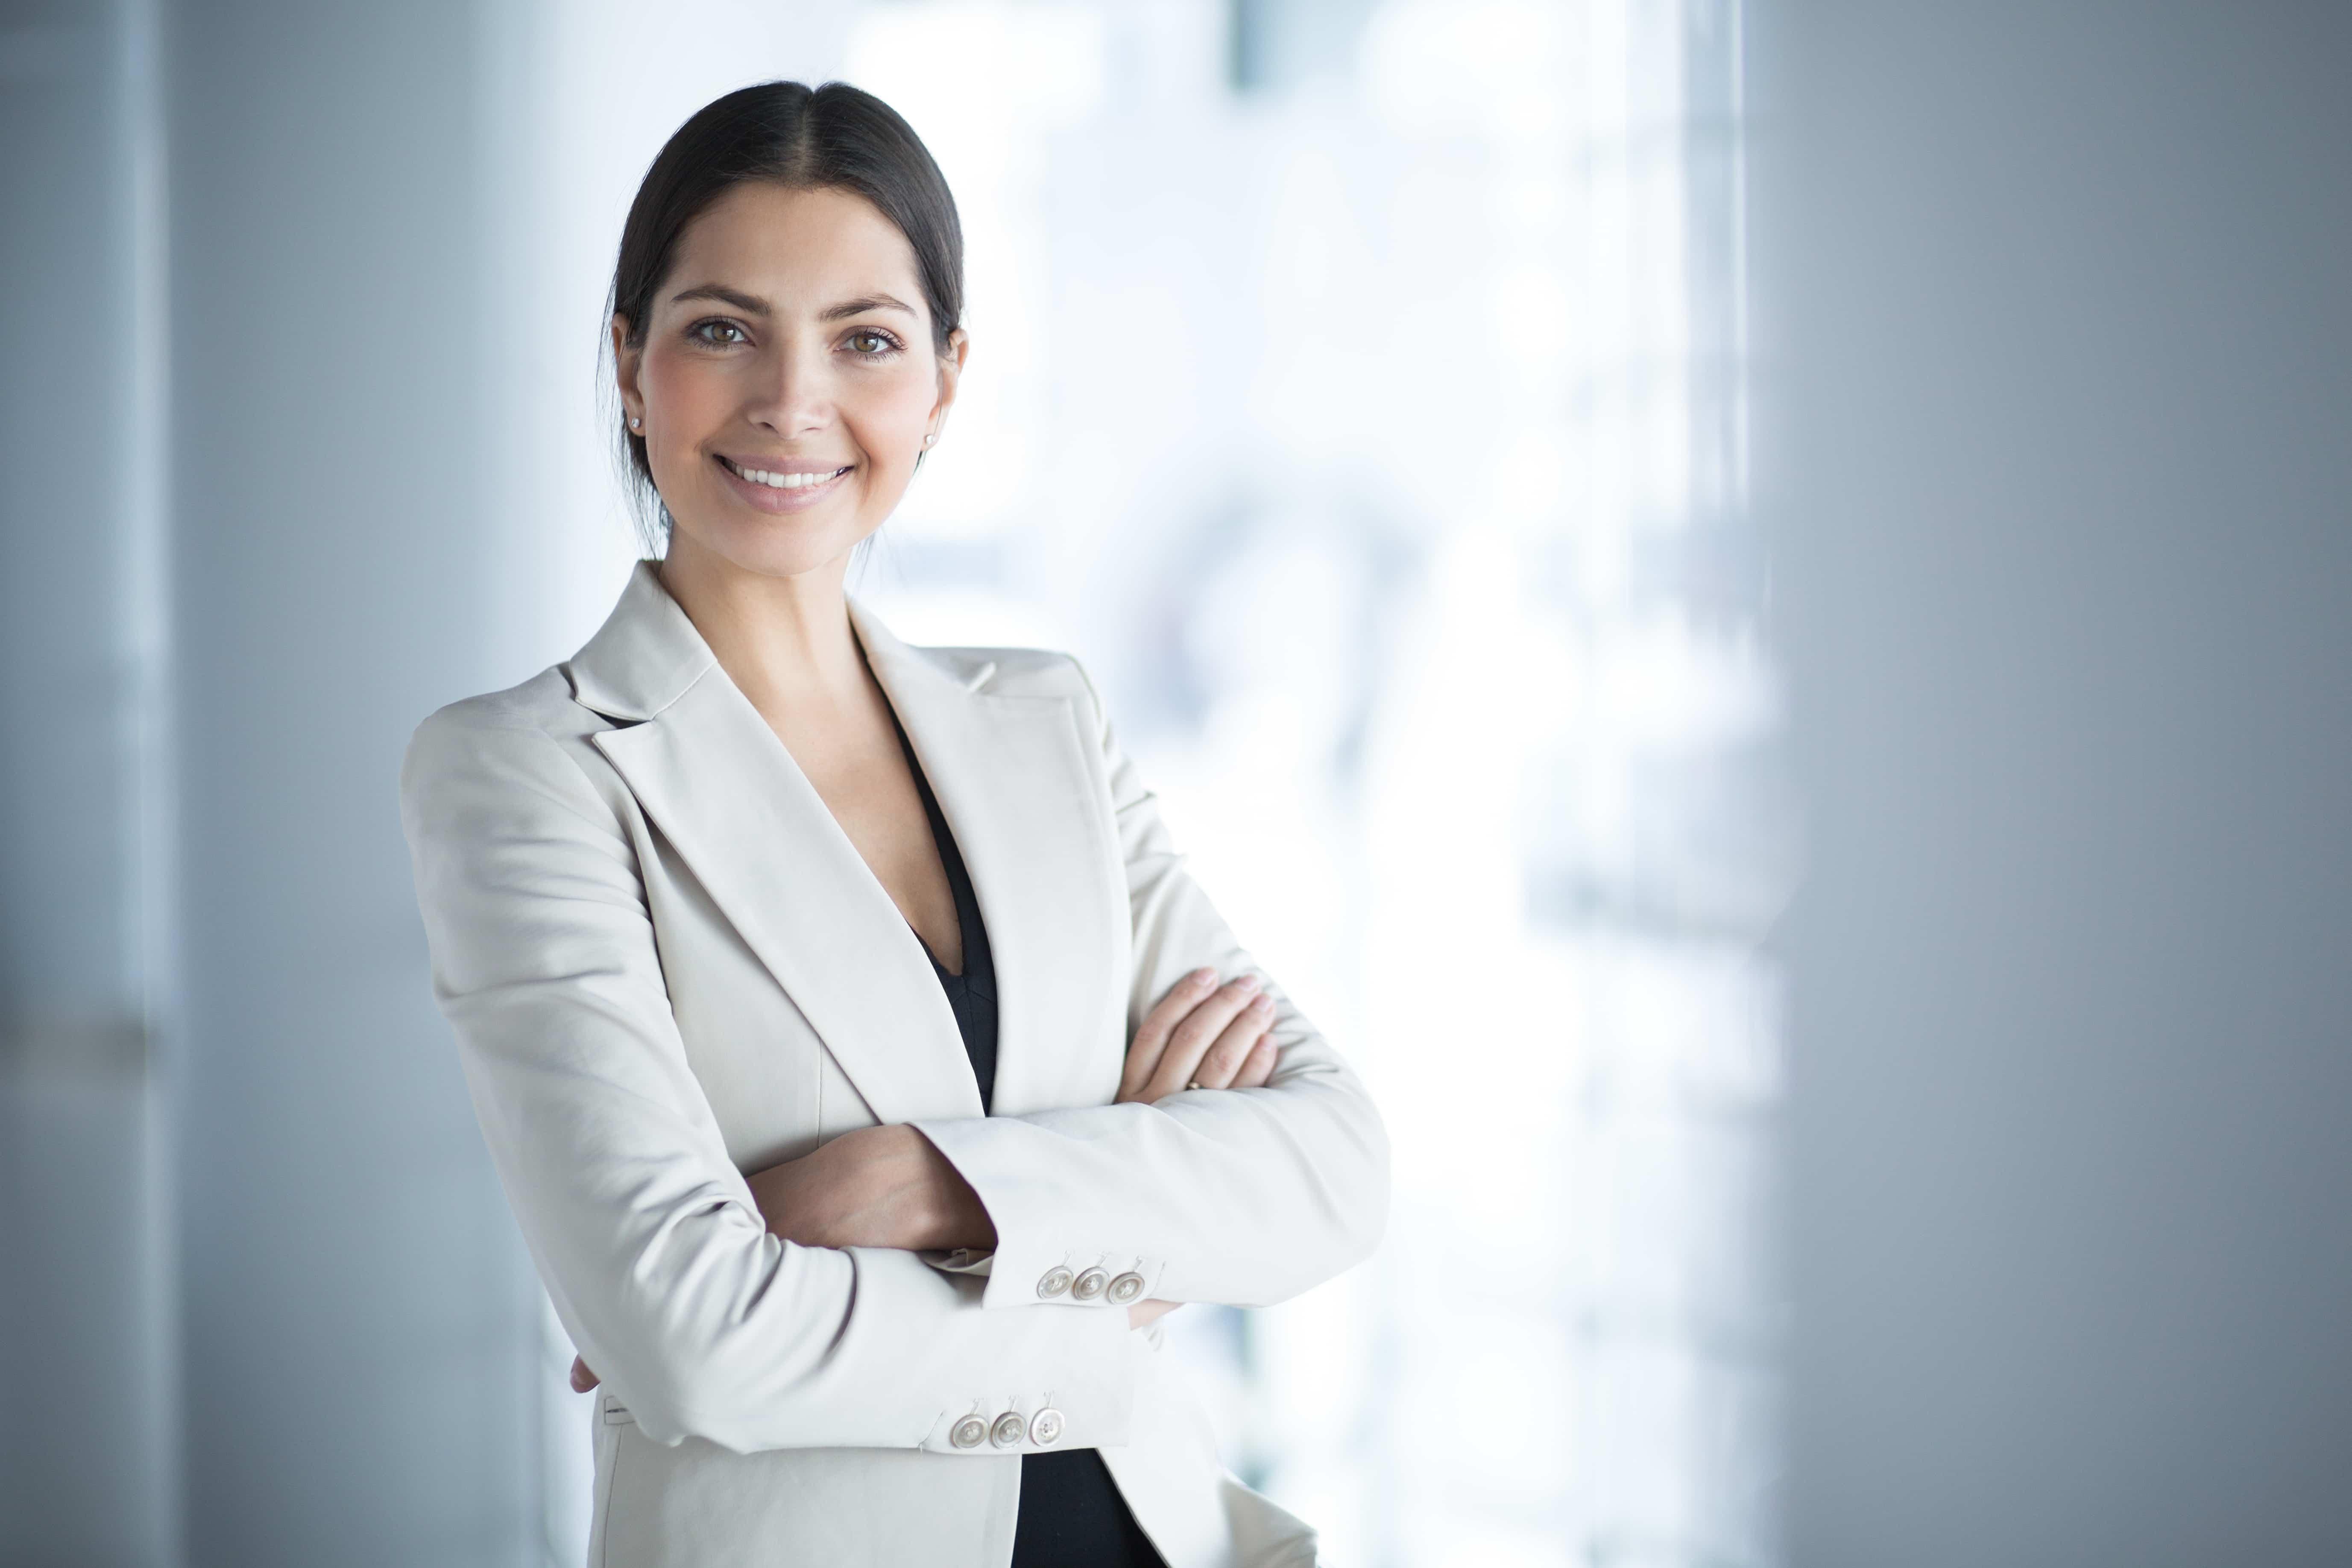 Womanwillを最大限に活用する3つのポイント